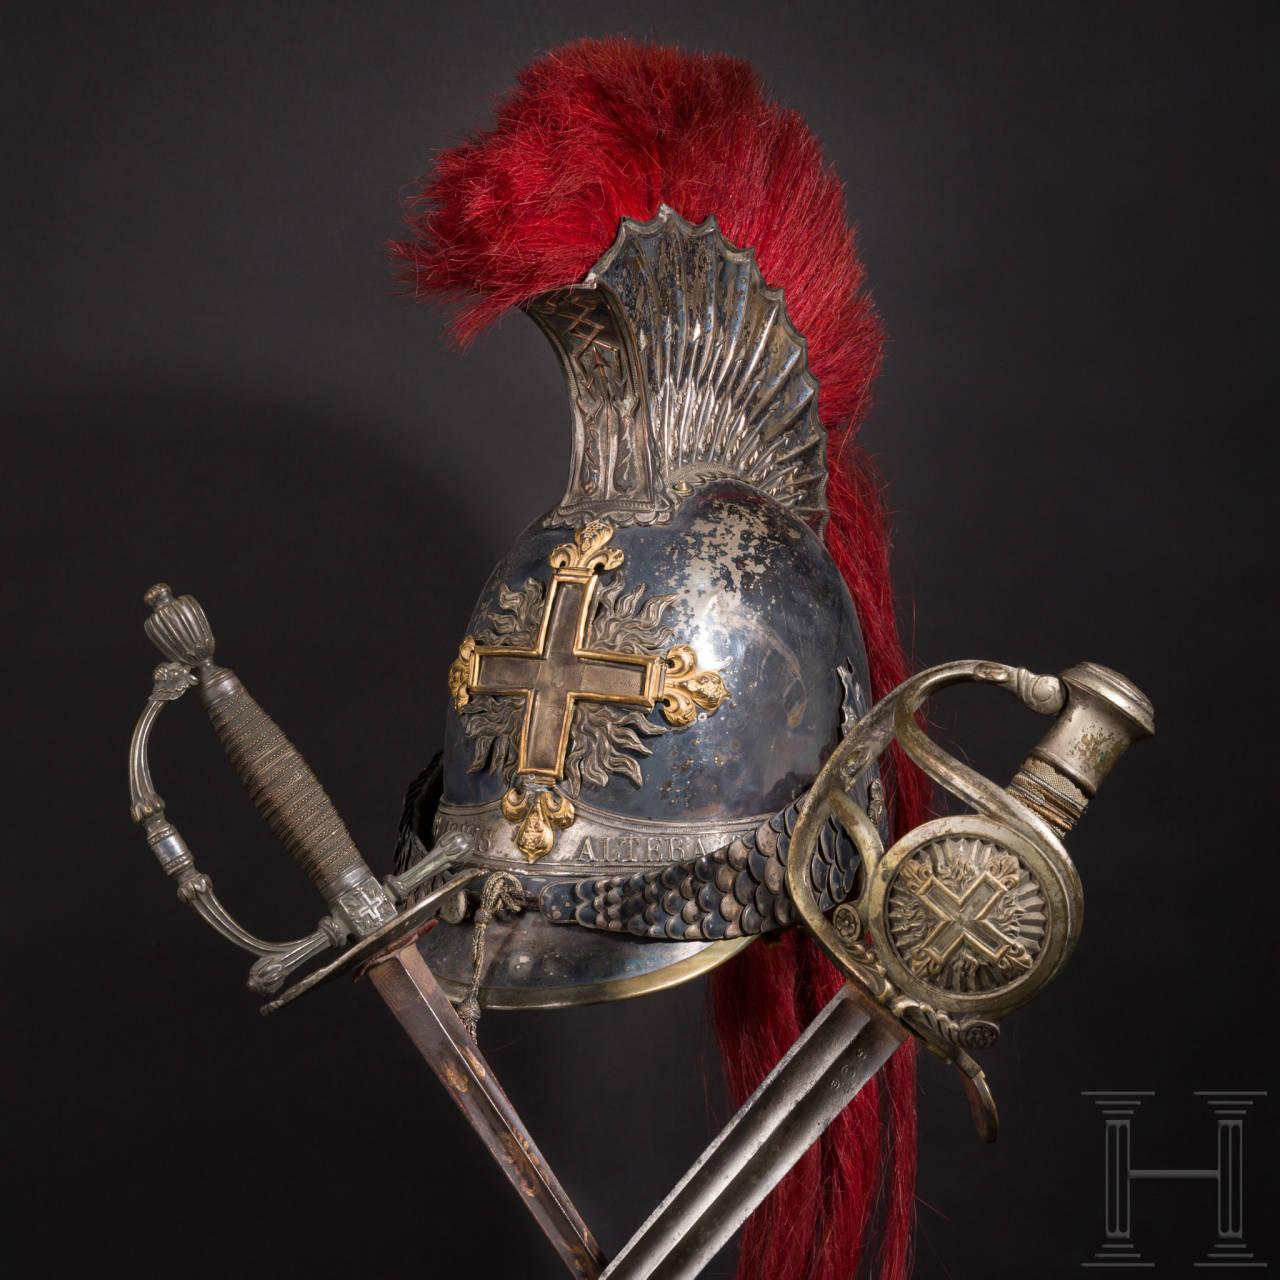 Helm, Säbel und Degen der Mousquetaires noirs de la Maison du Roi, um 1814/15